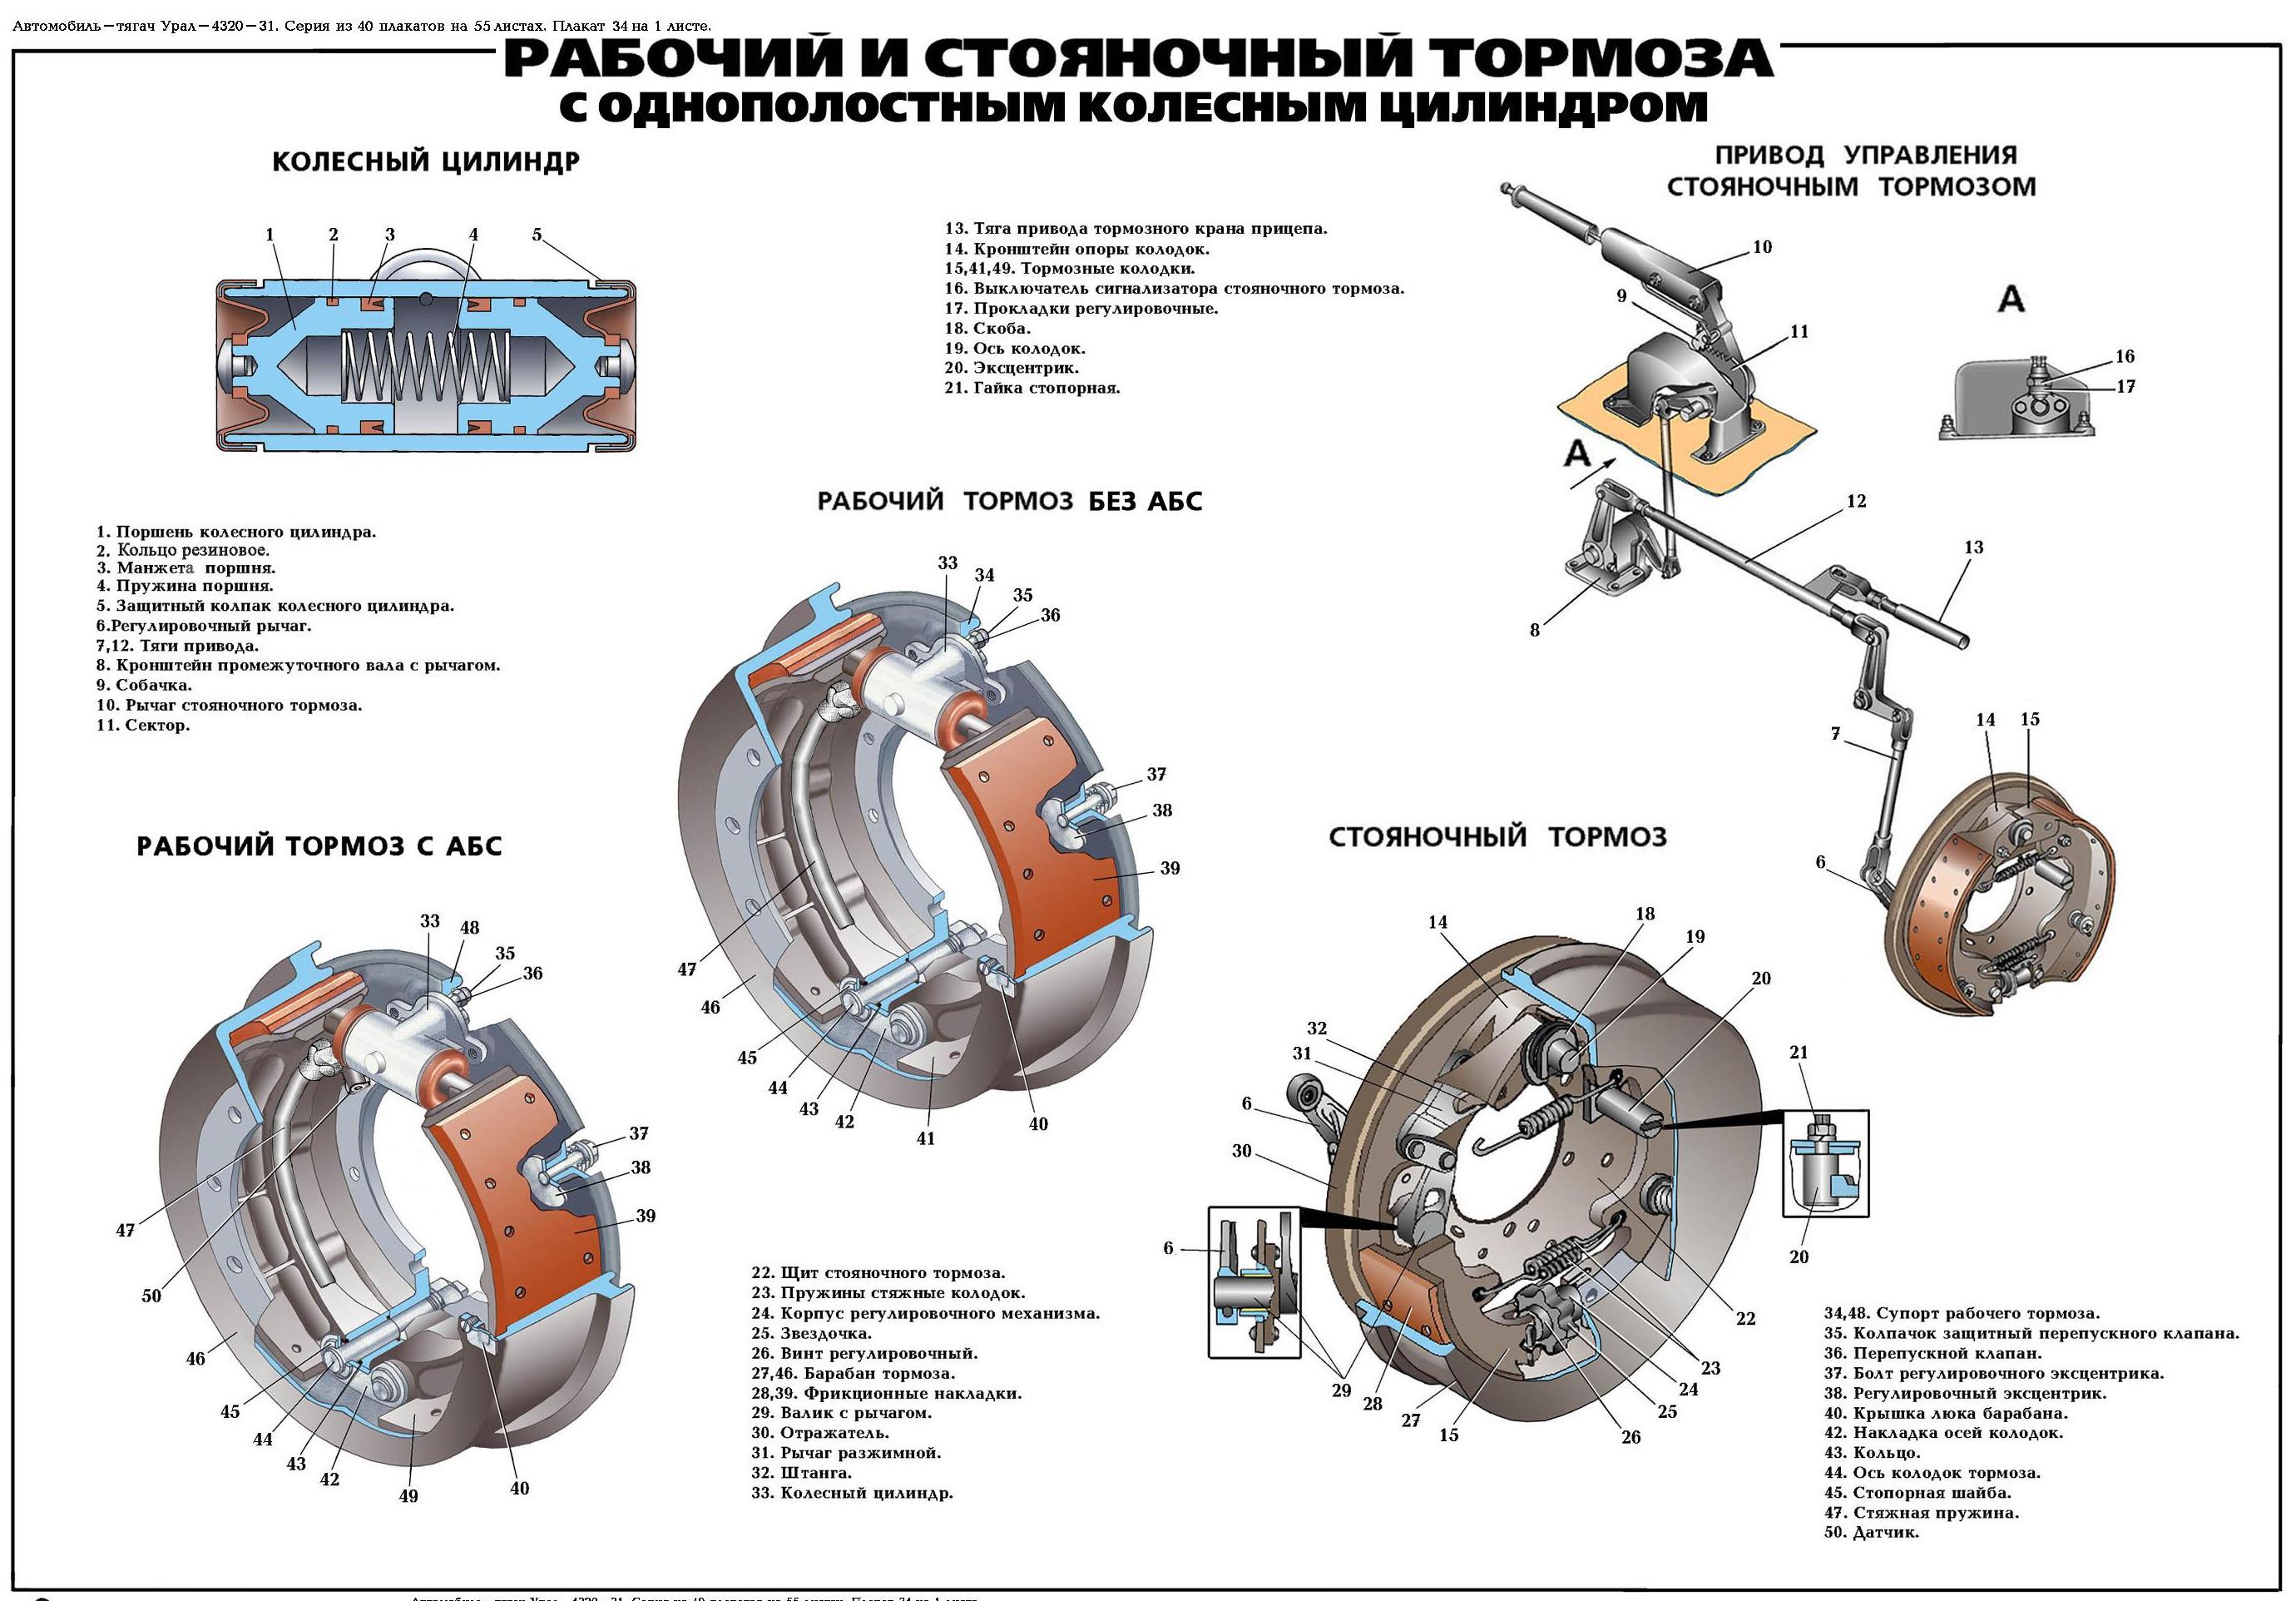 Химмотологическая карта и эксплуатационные материалы